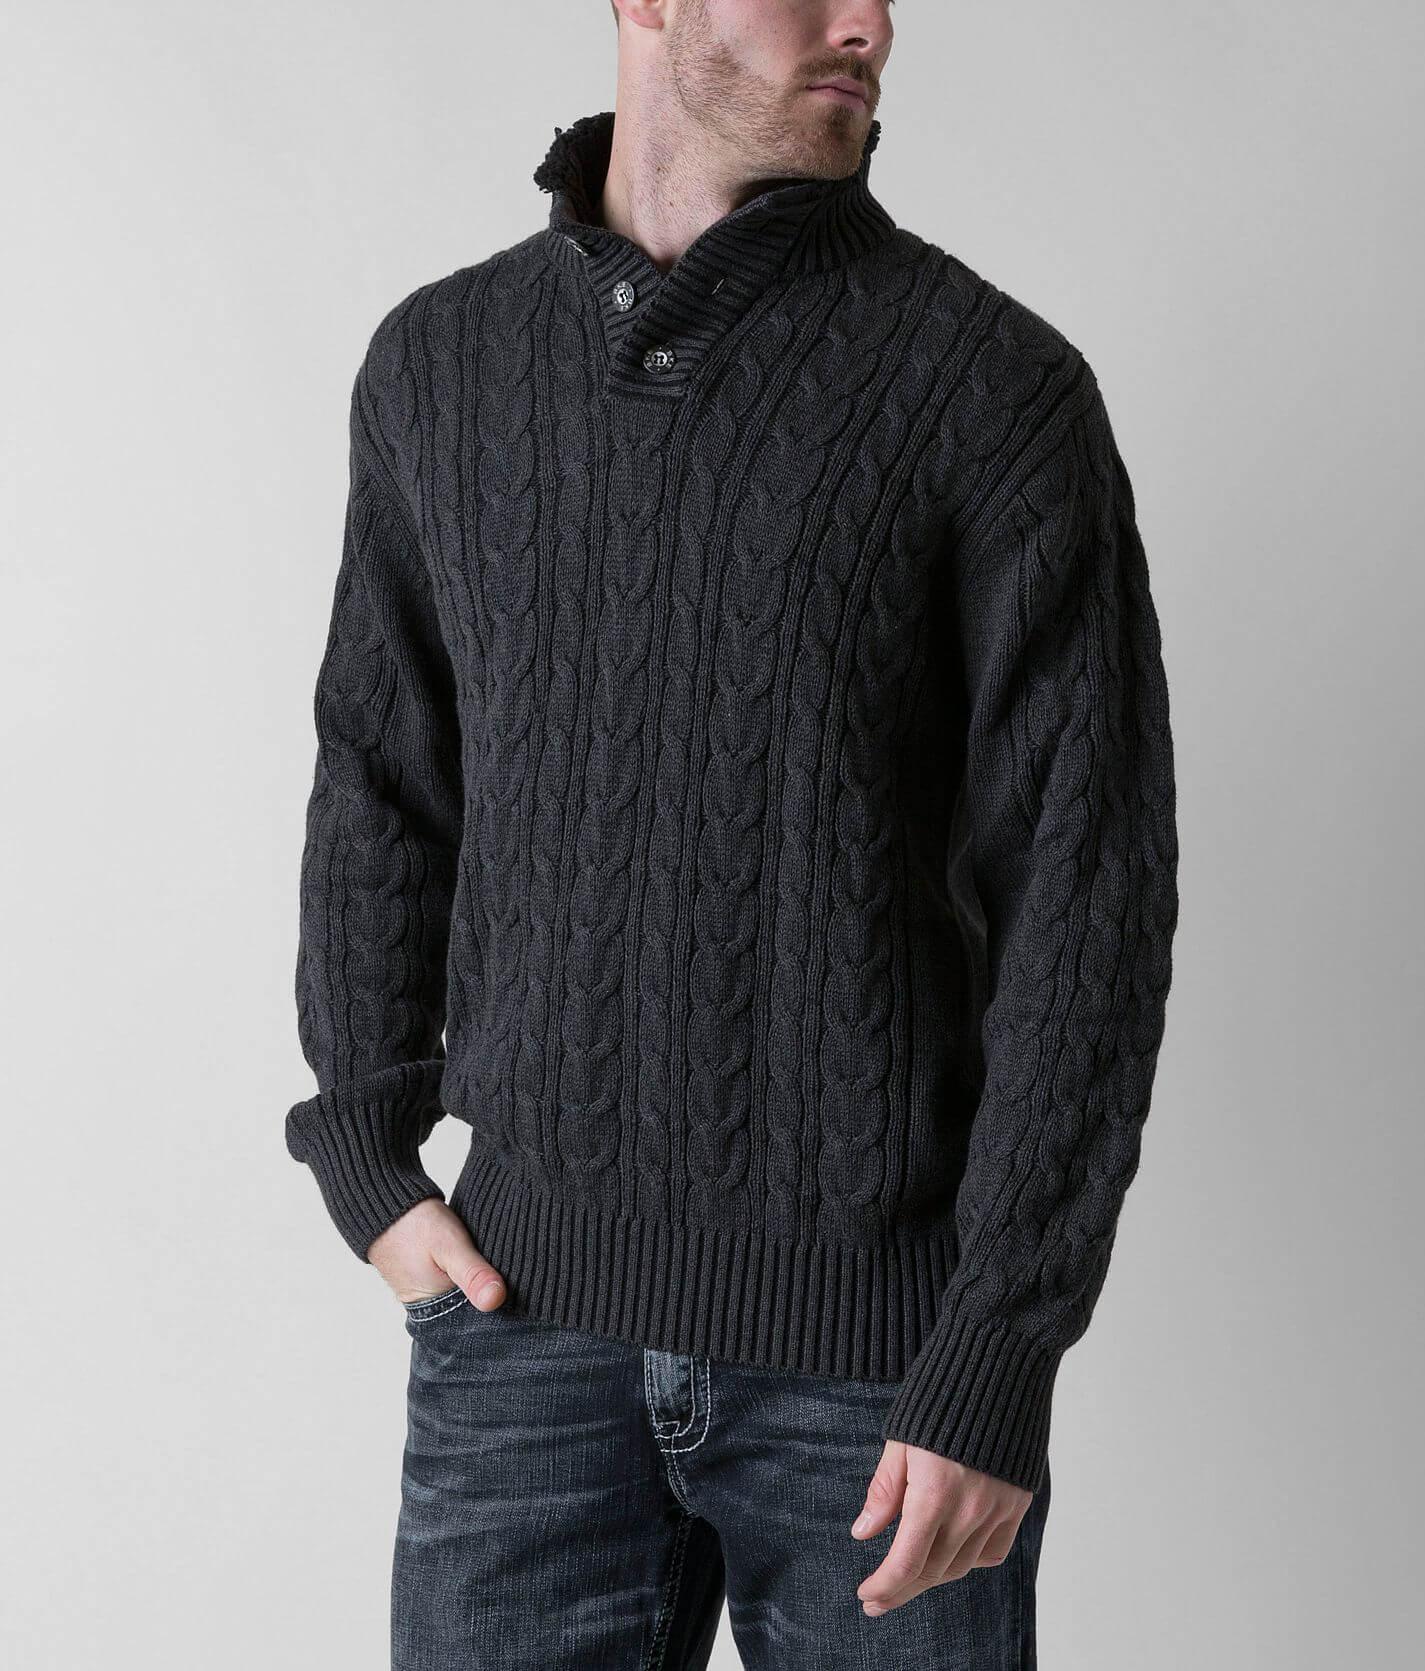 Bke Zion Henley Sweater Mens Sweaters In Black Buckle